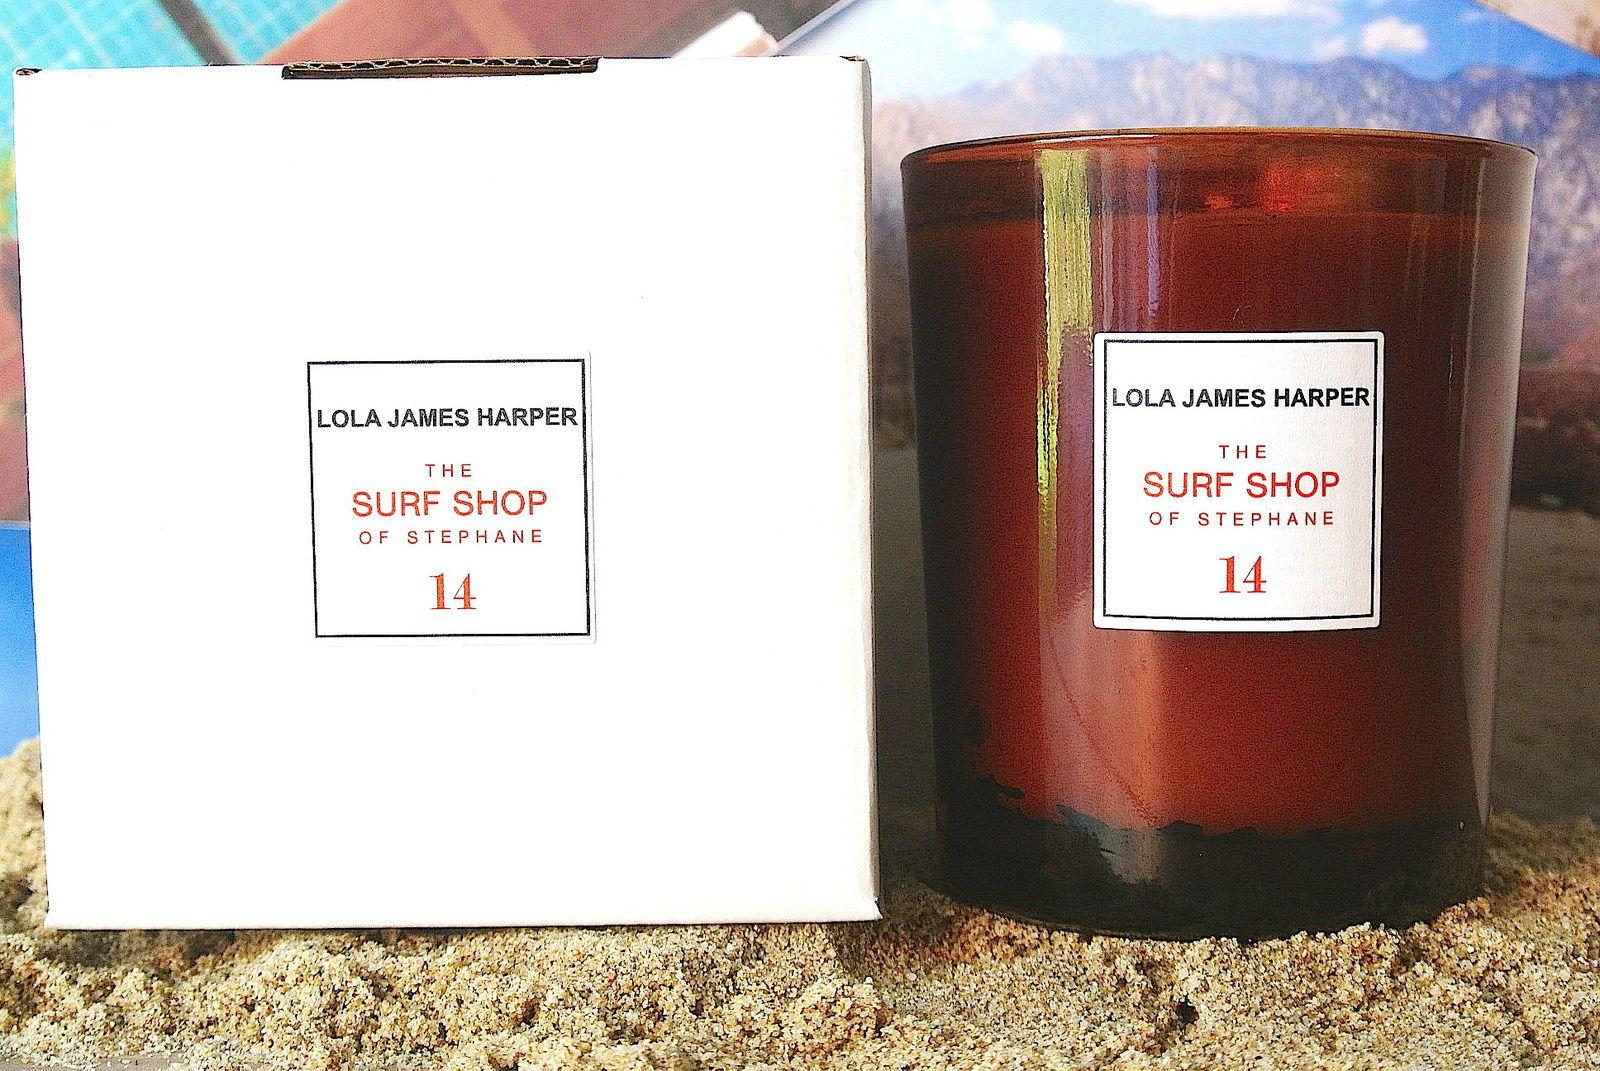 Découverte des bougies Lola James Harper #BigLove